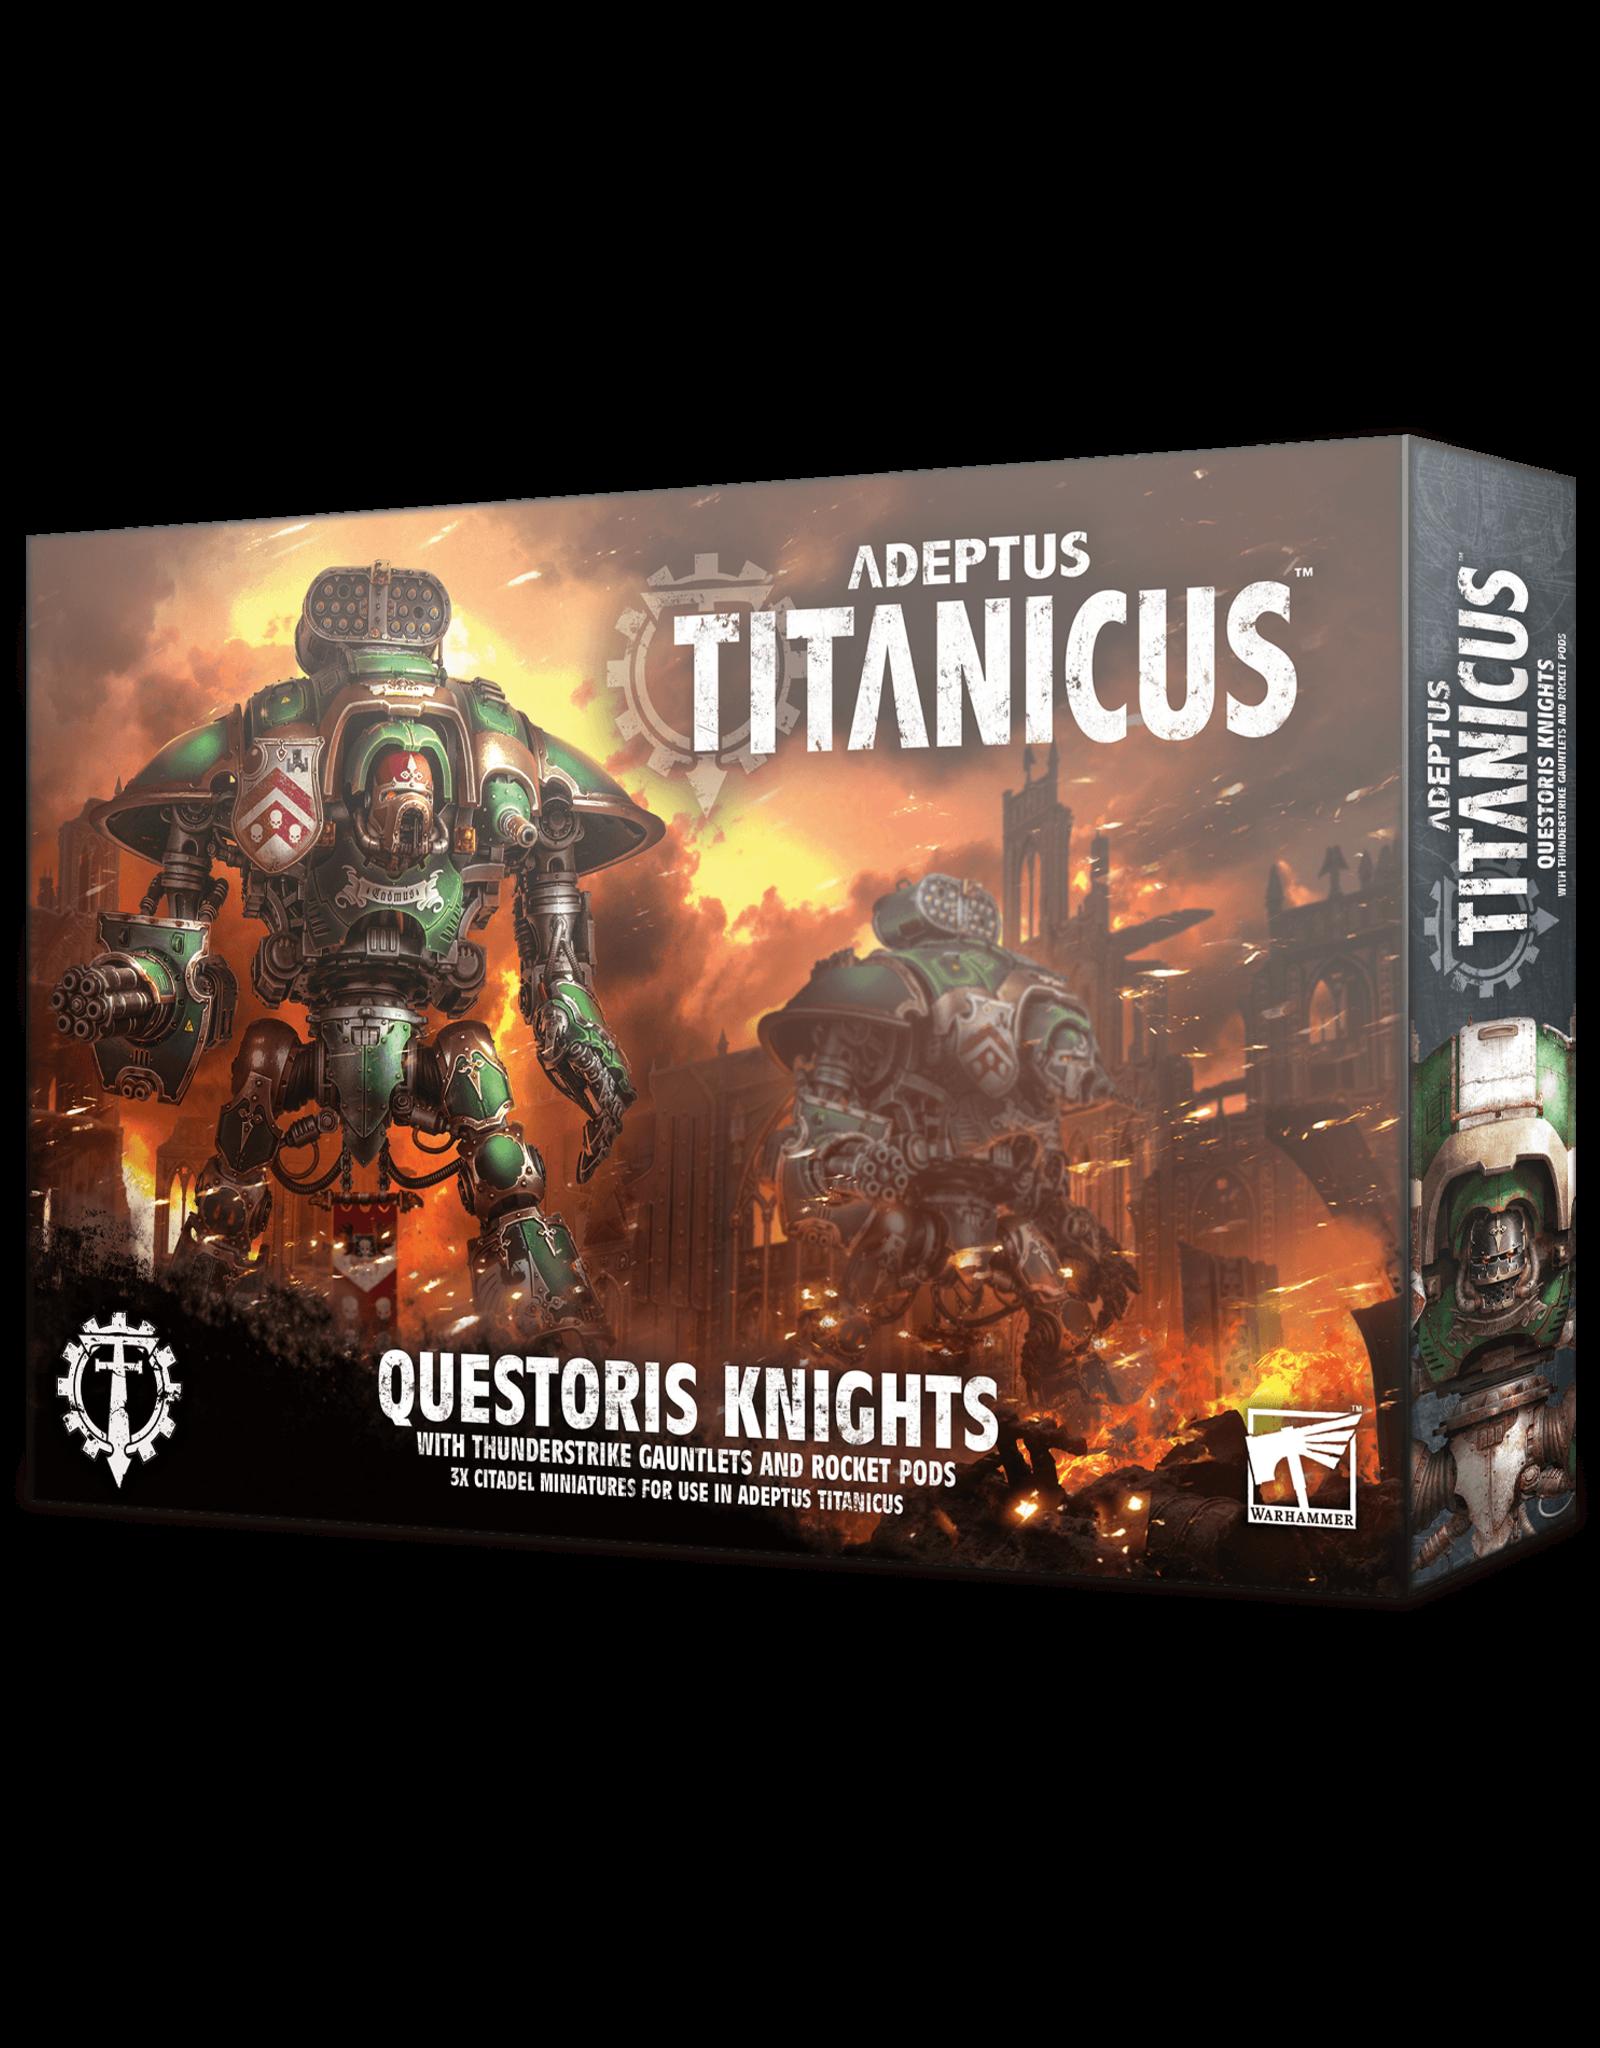 Adeptus Titanicus Adeptus Titanicus Questoris Knights